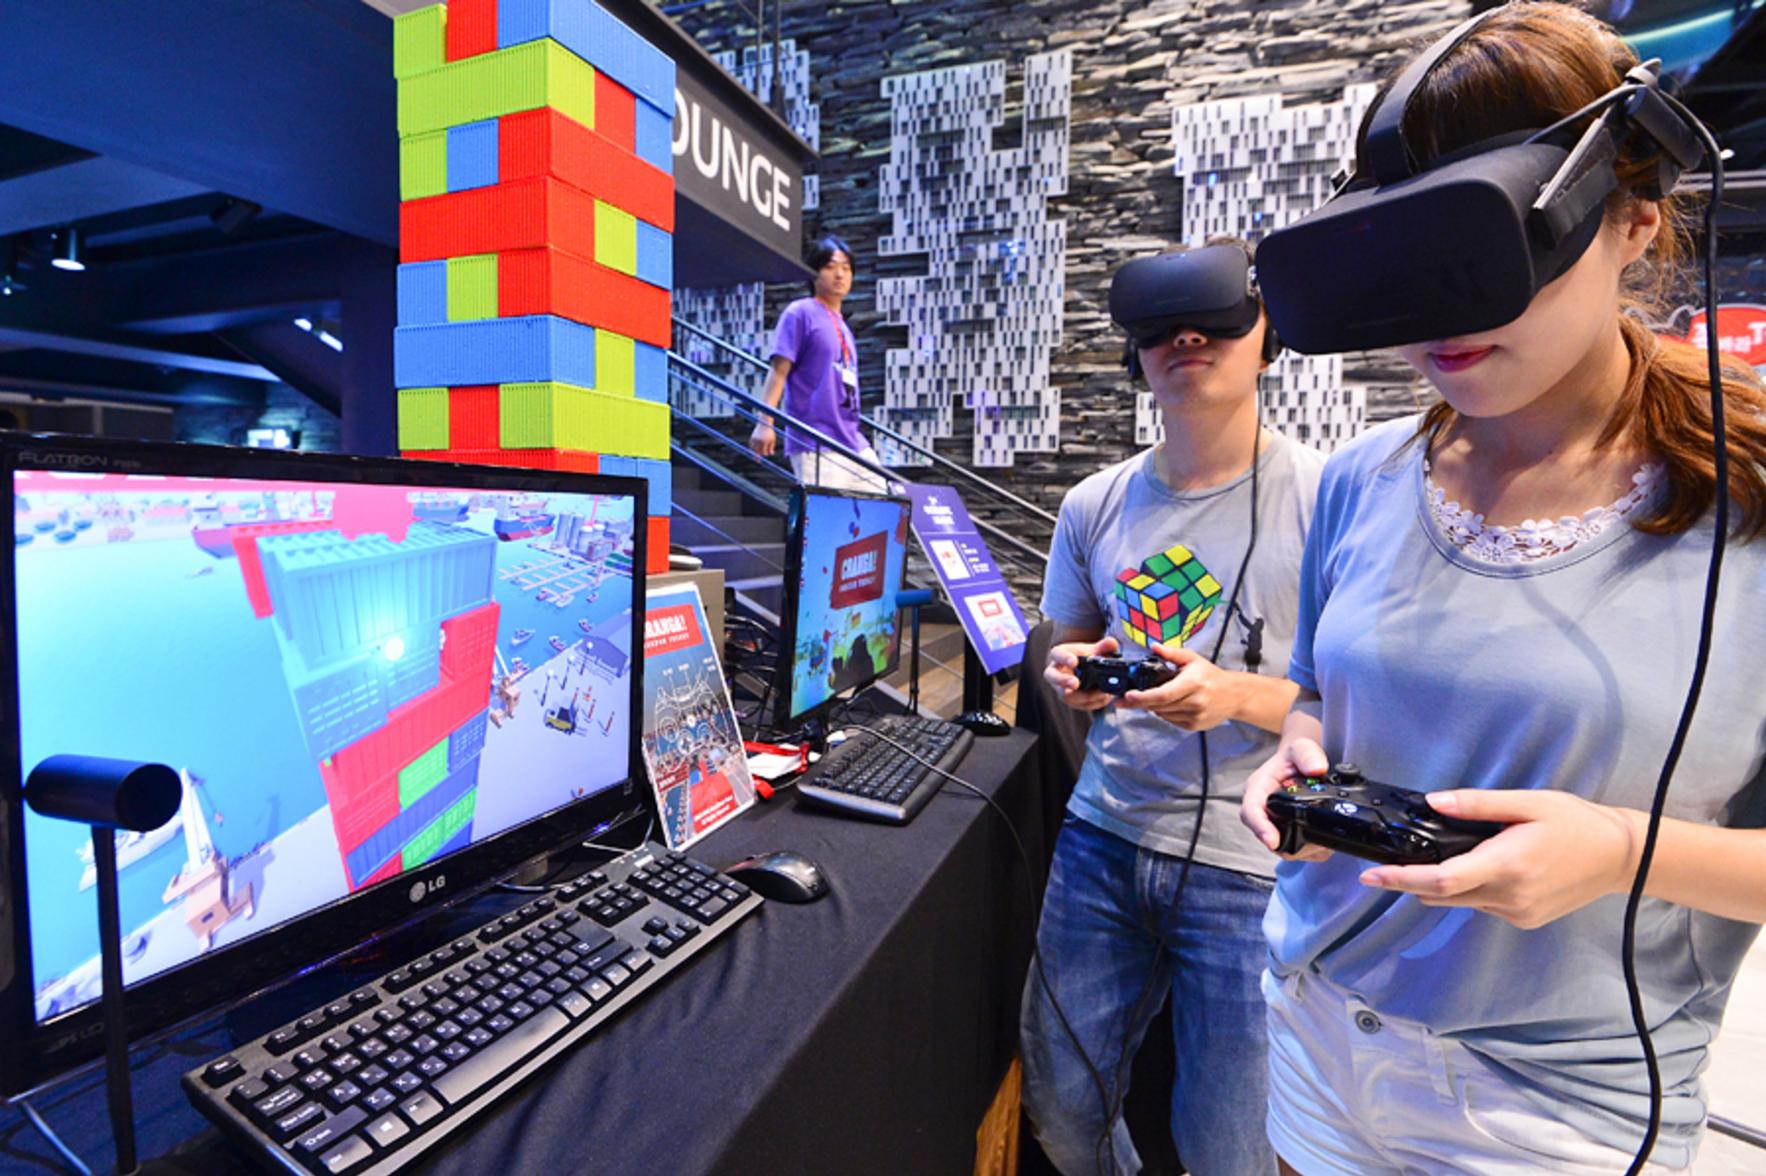 가상현실(VR)을 이용한 게임을 즐기고 있다. 출처=뉴스1